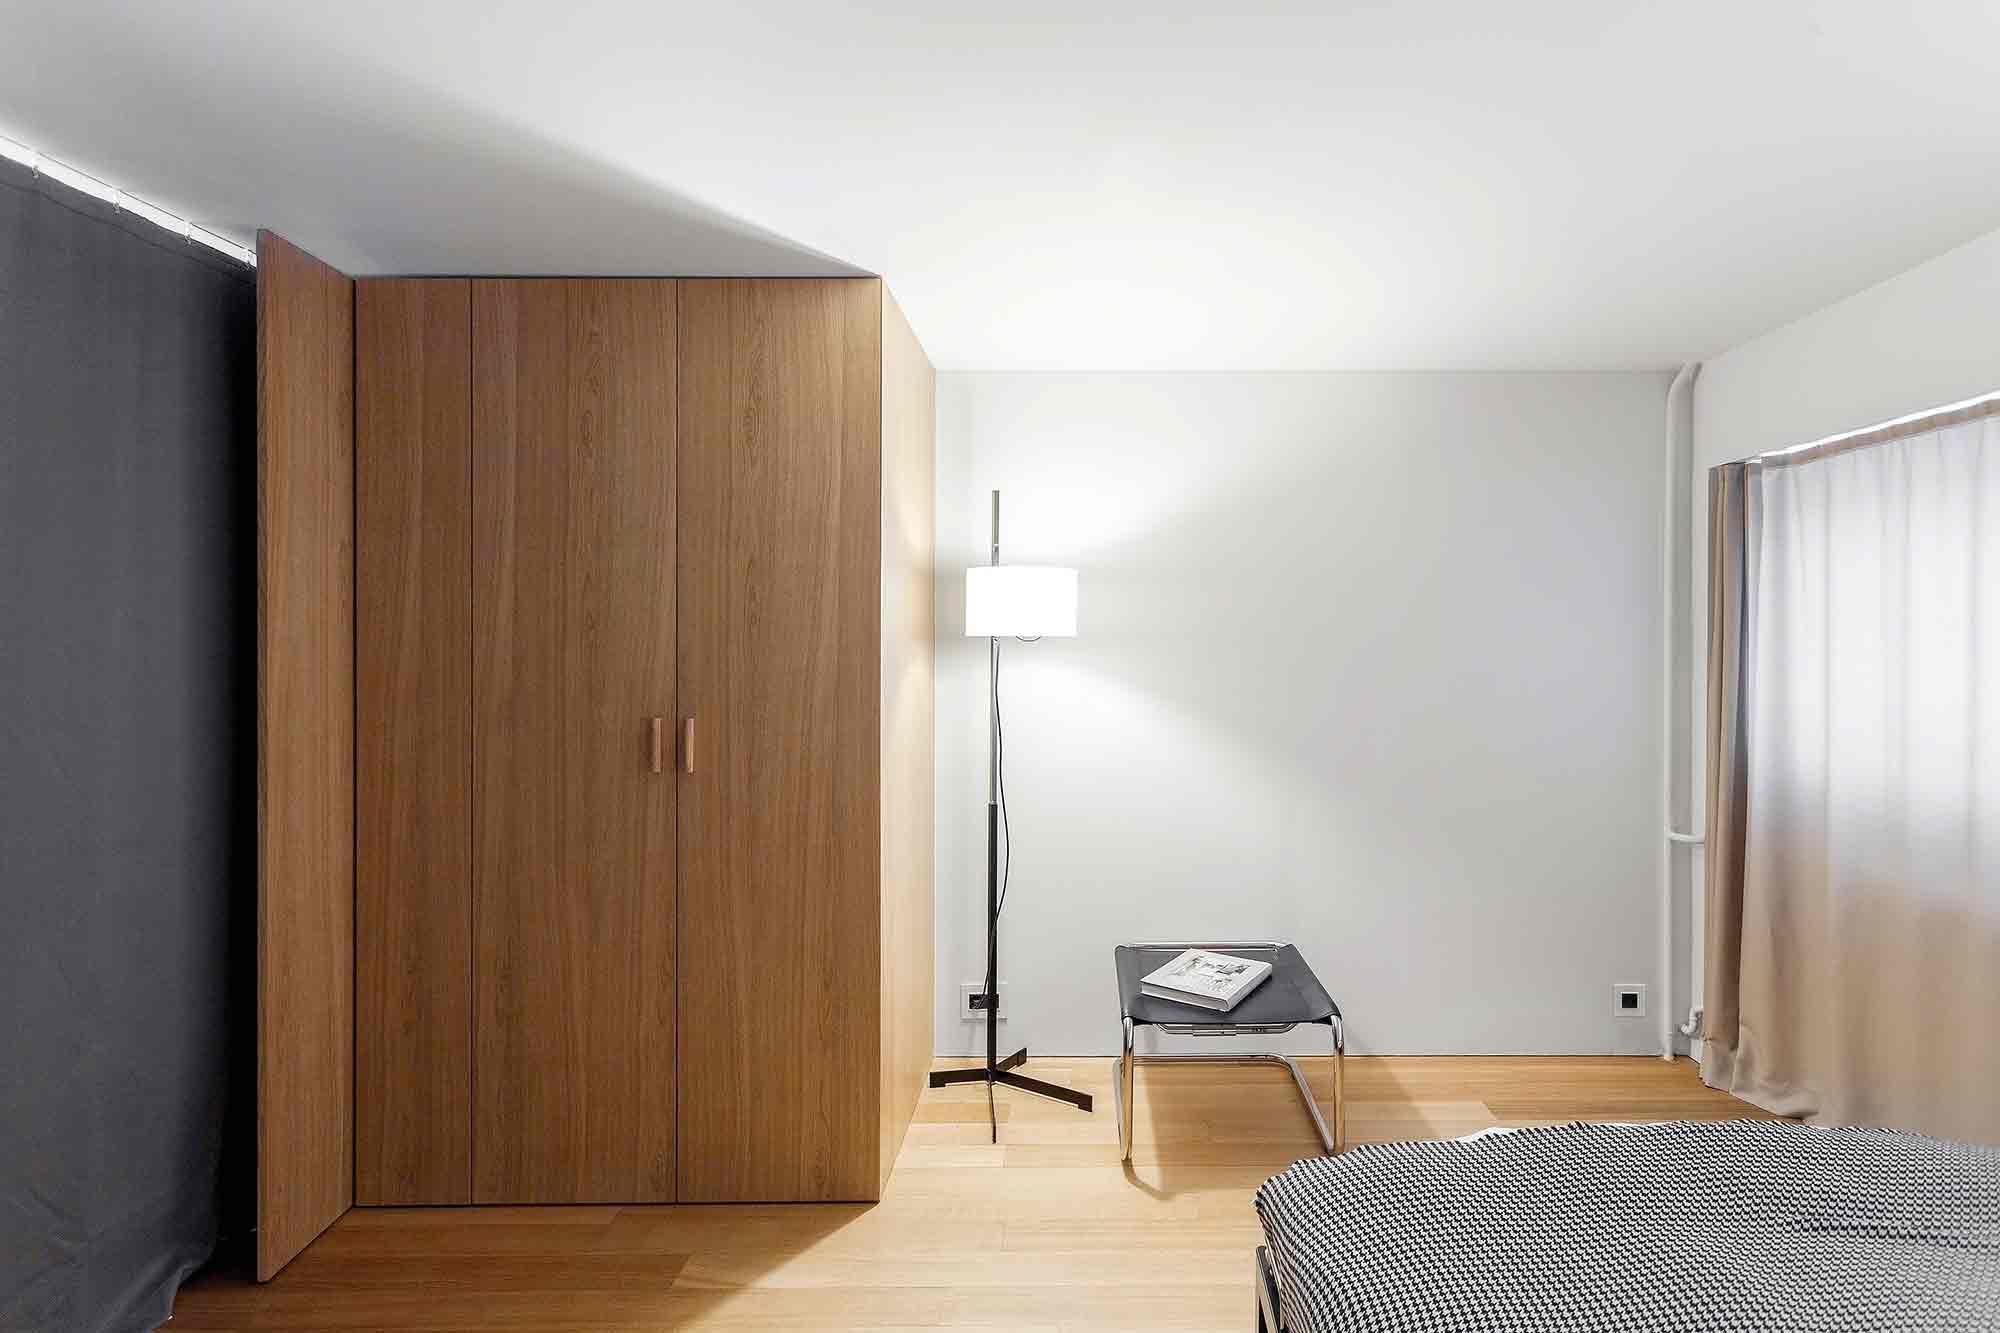 Gorden tersembunyi untuk privasi sang pemilik apartemen karya studio Bazi, via organized-home.com